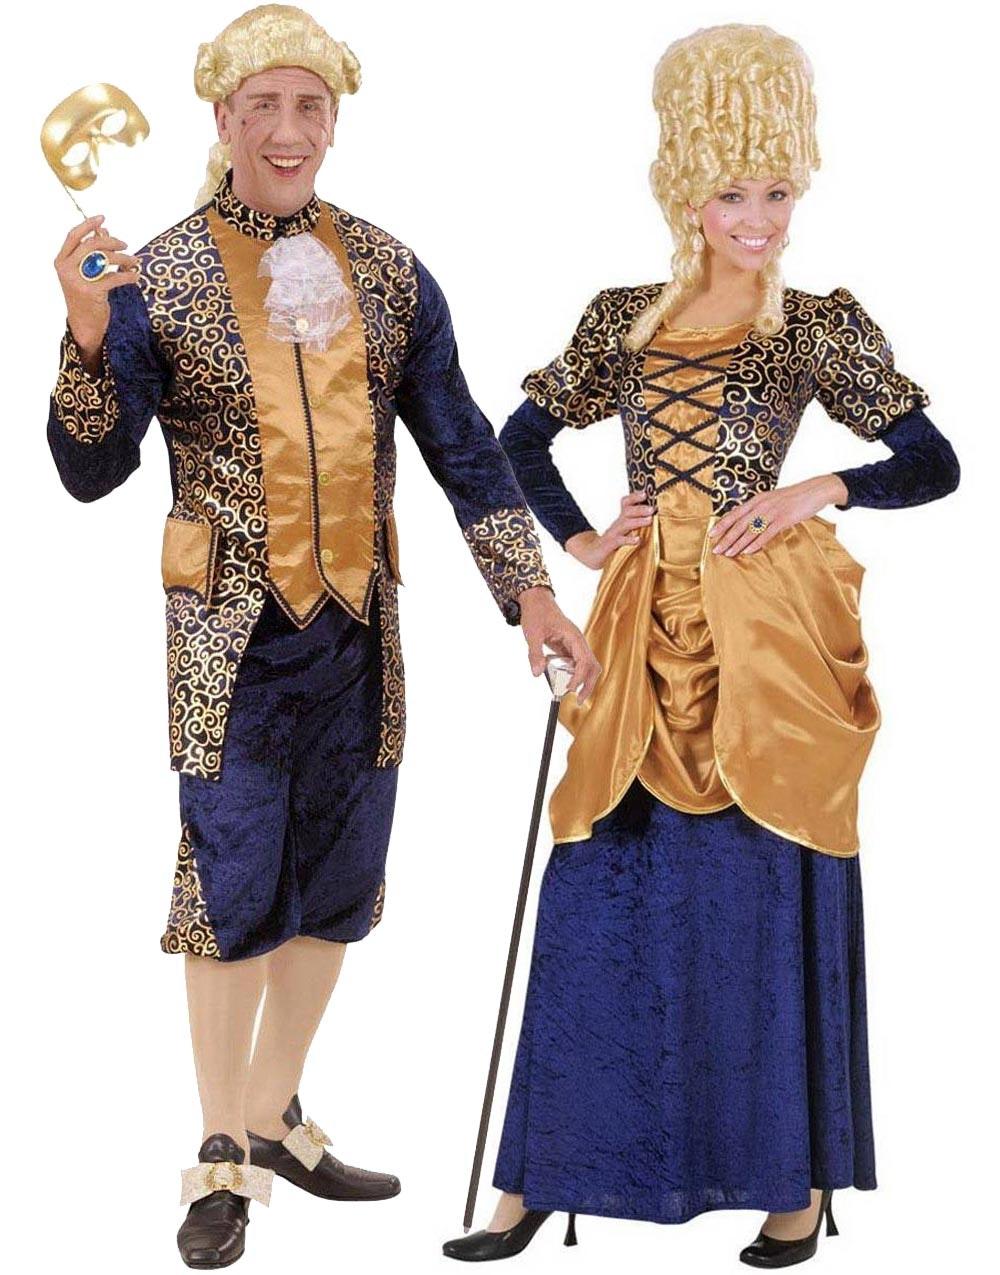 kostymer i store størrelser dame søker par